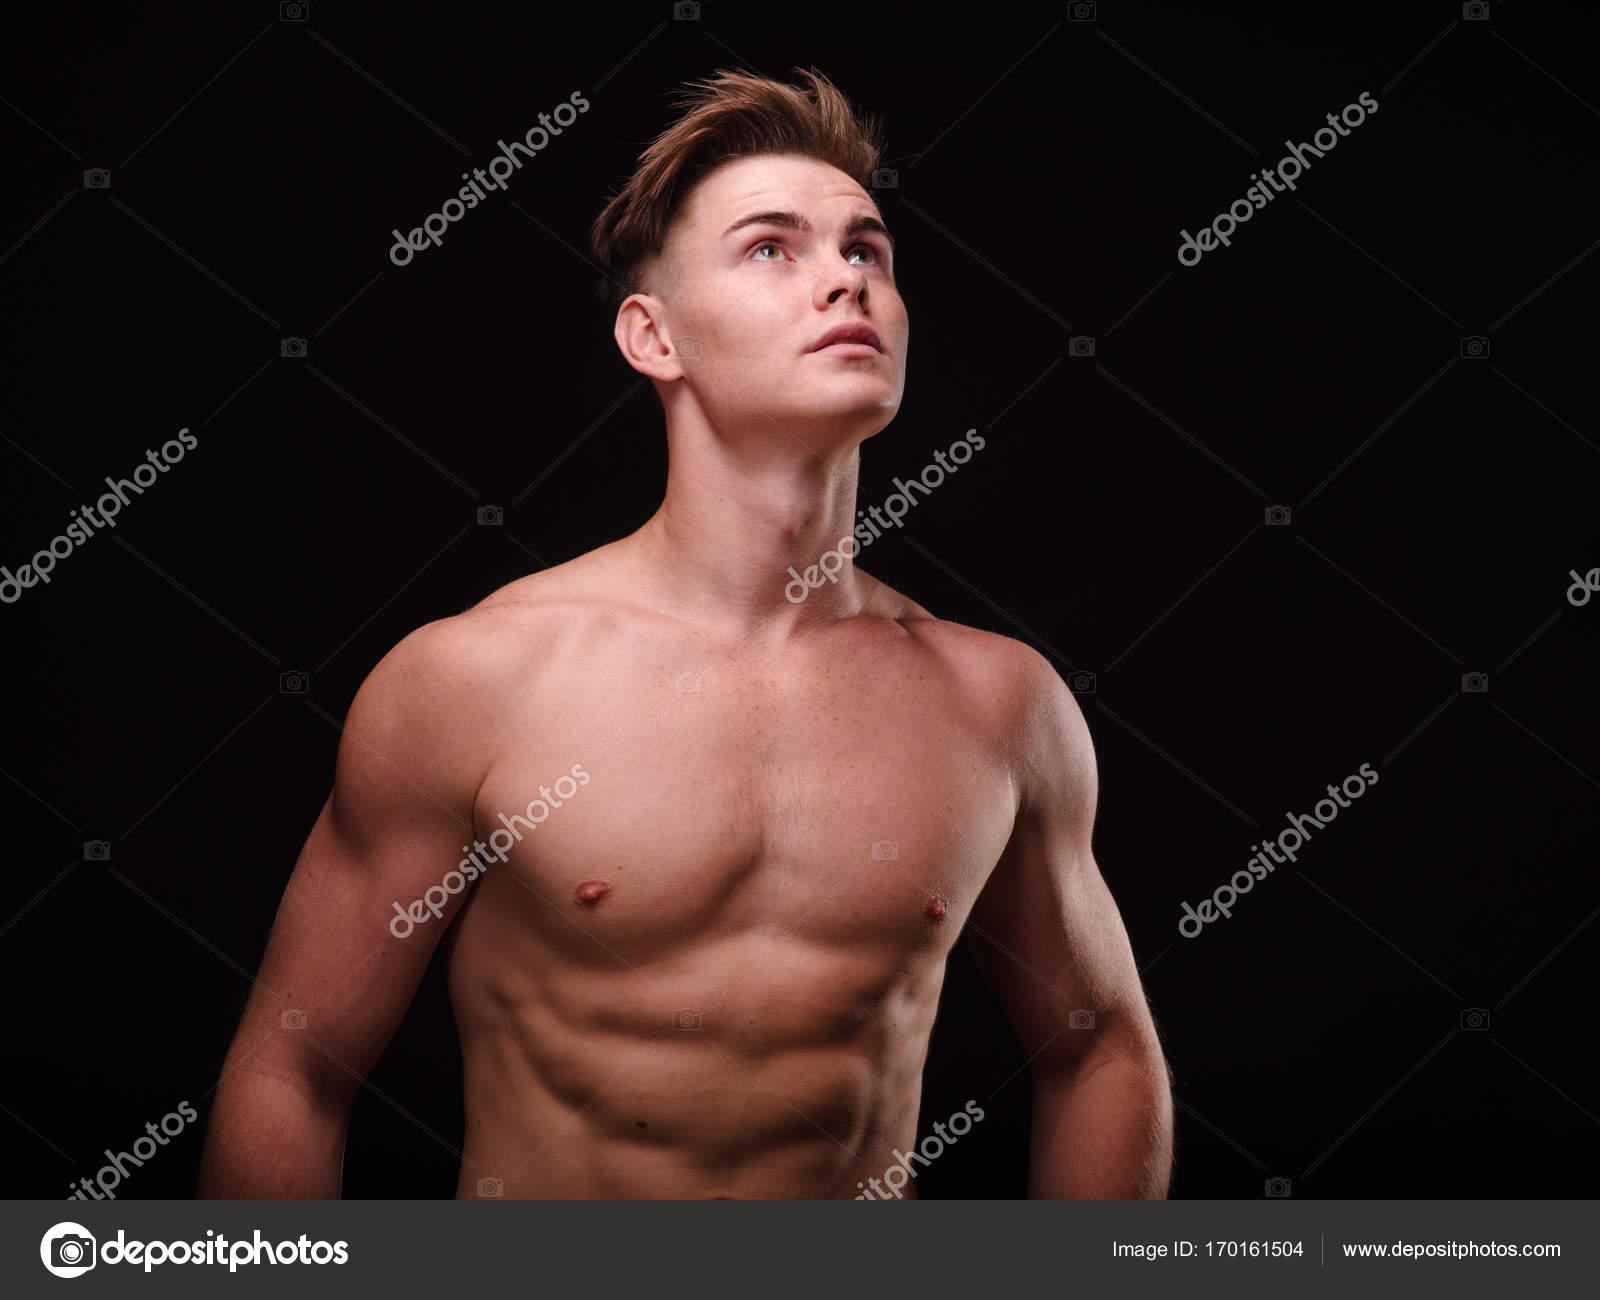 Big ass naked brazilians